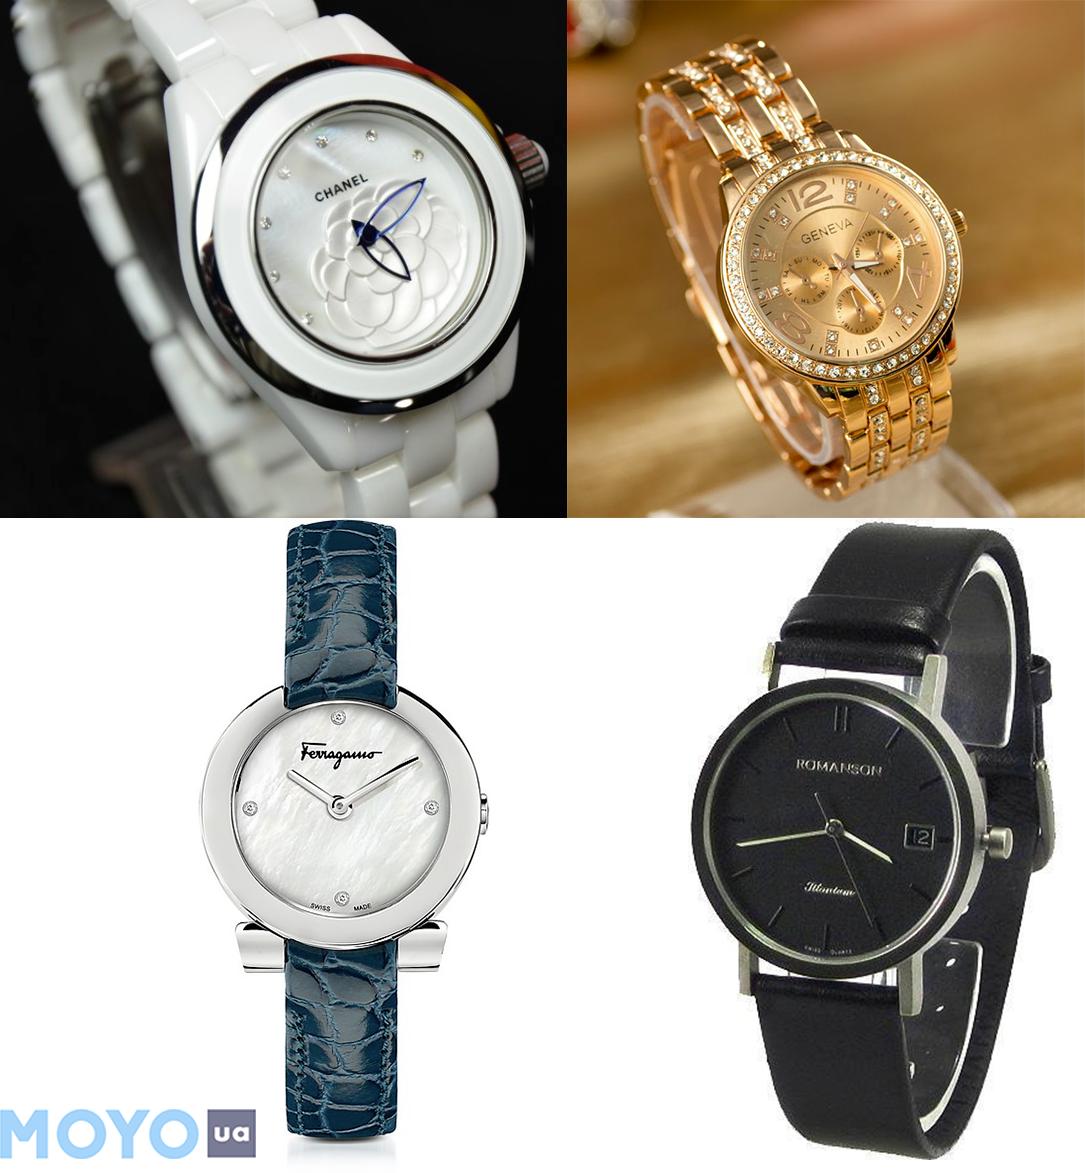 Материал и покрытие часов